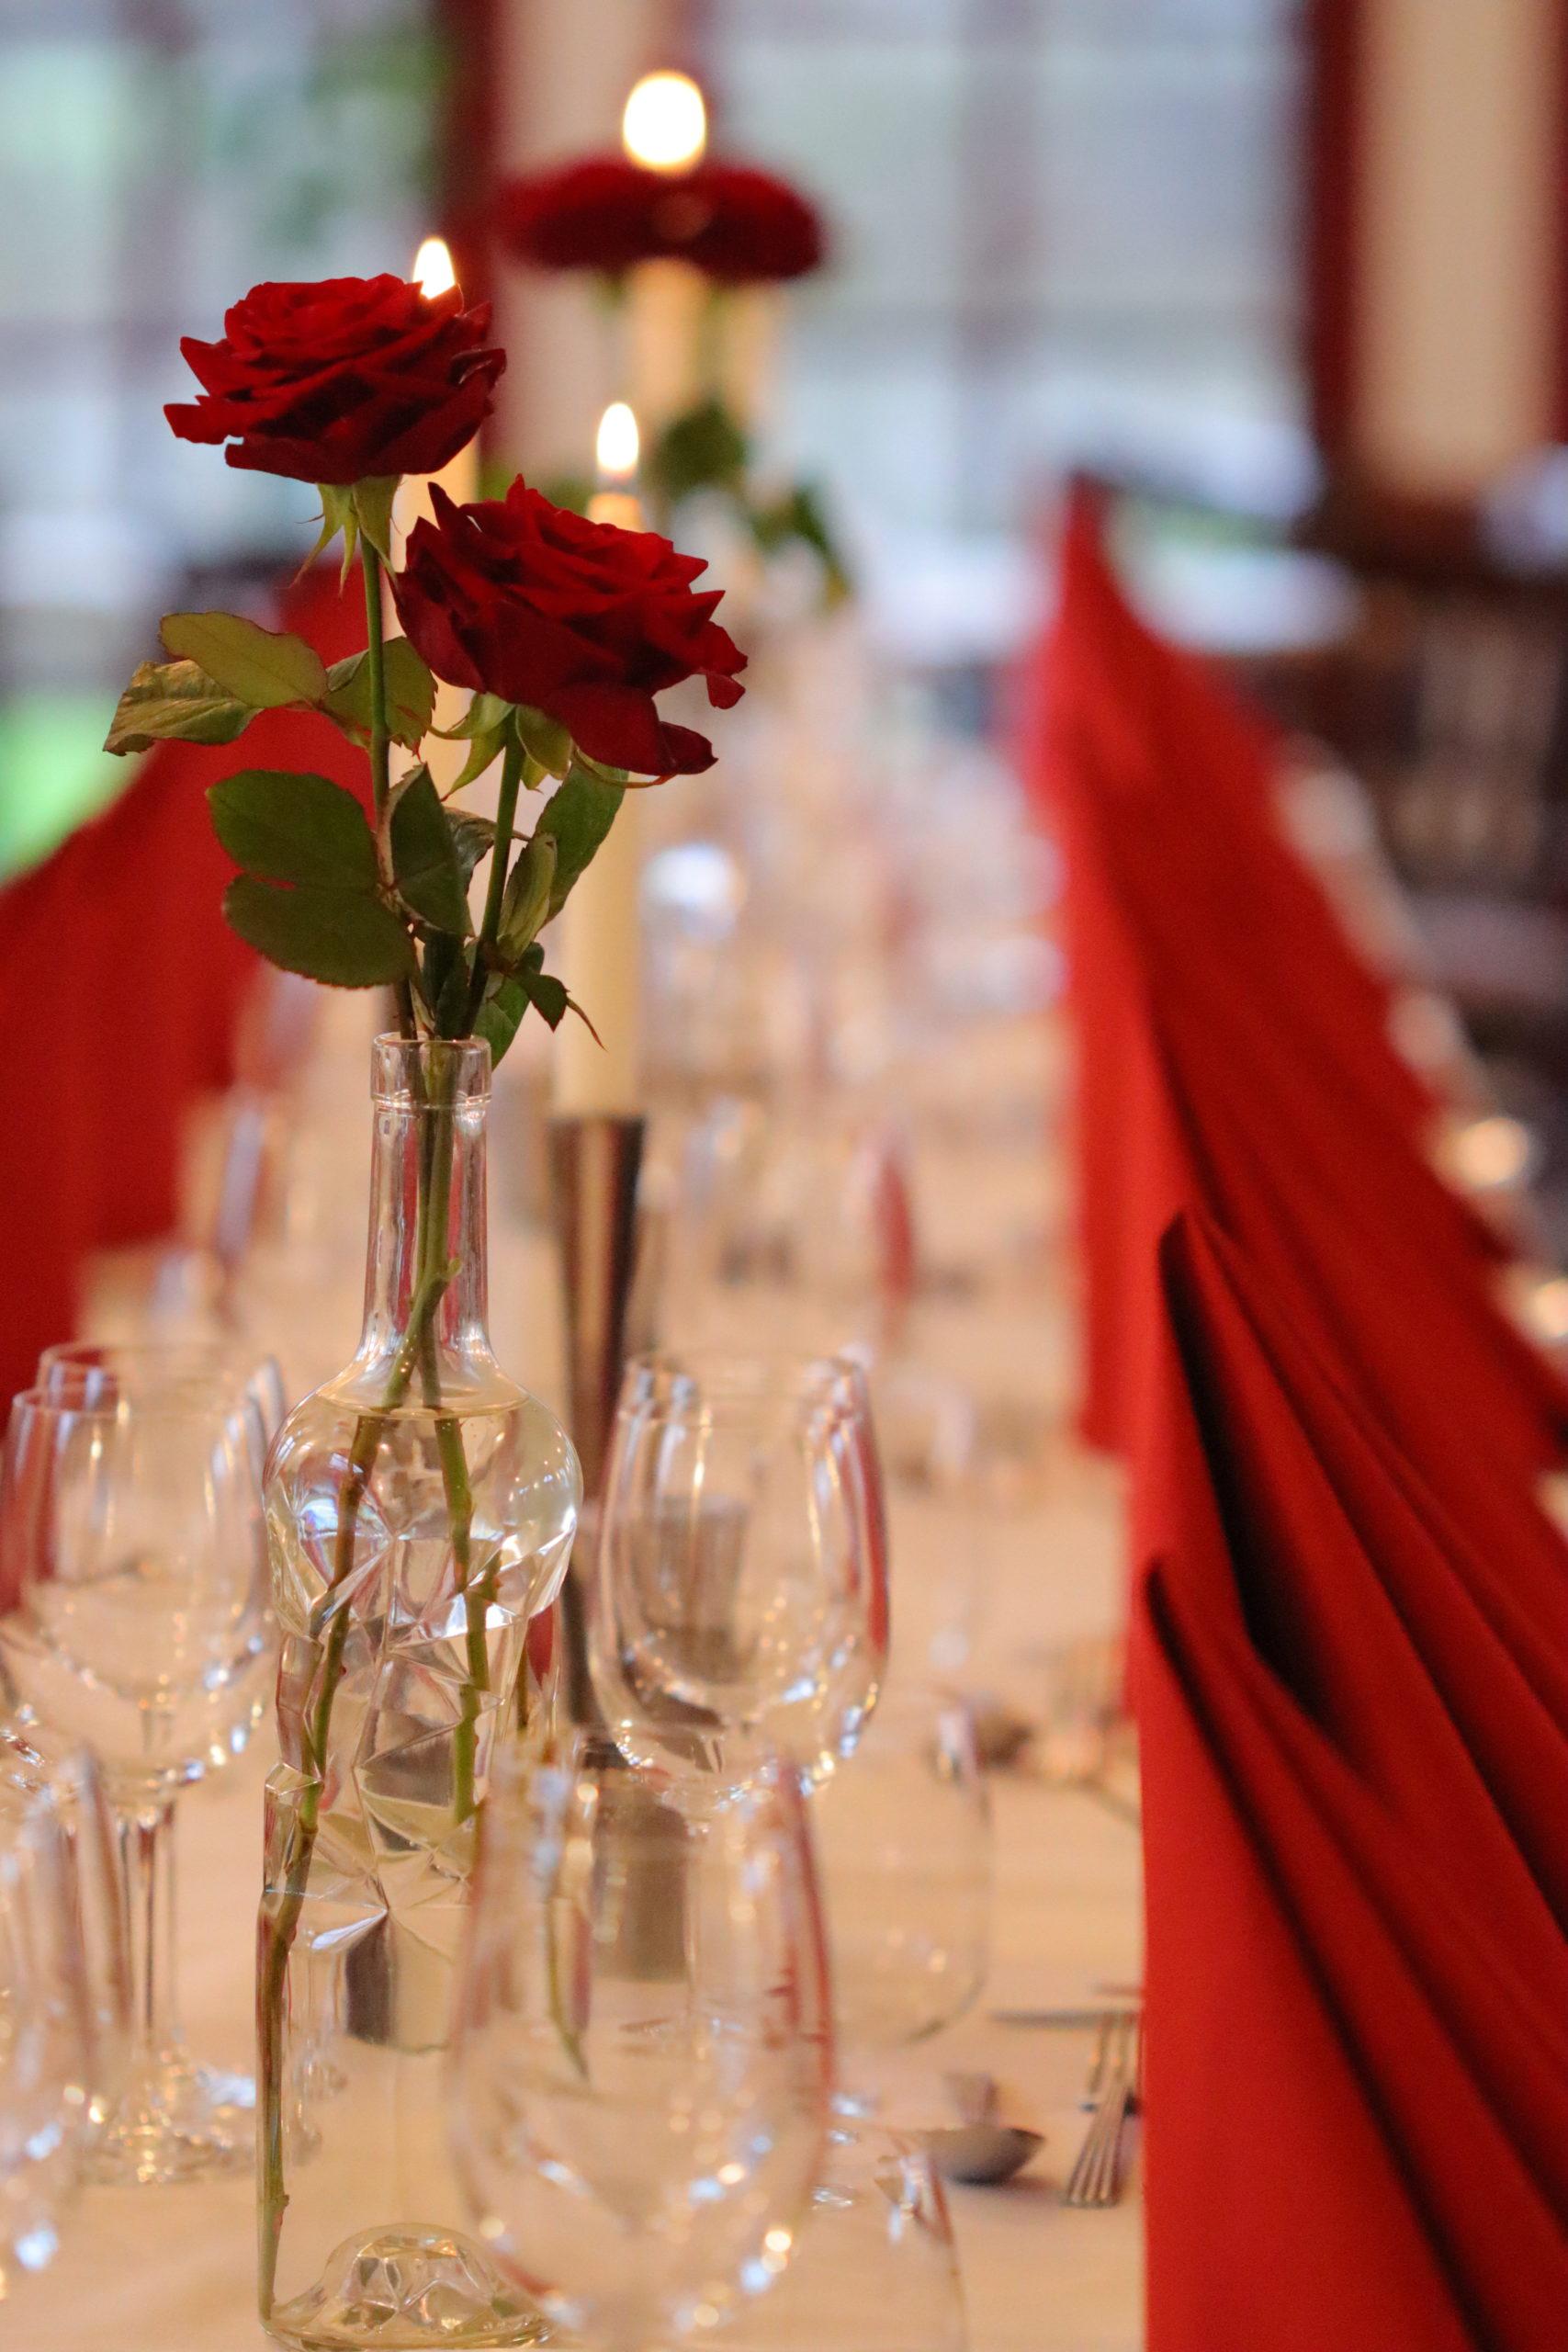 Billede af veldækket bord, her kunne stå lækker stegt flæsk med persillesovs. Det kan du hver torsdag på Gyrstinge Skovkro nær Ringsted, Sorø, Store Merløse og Borup